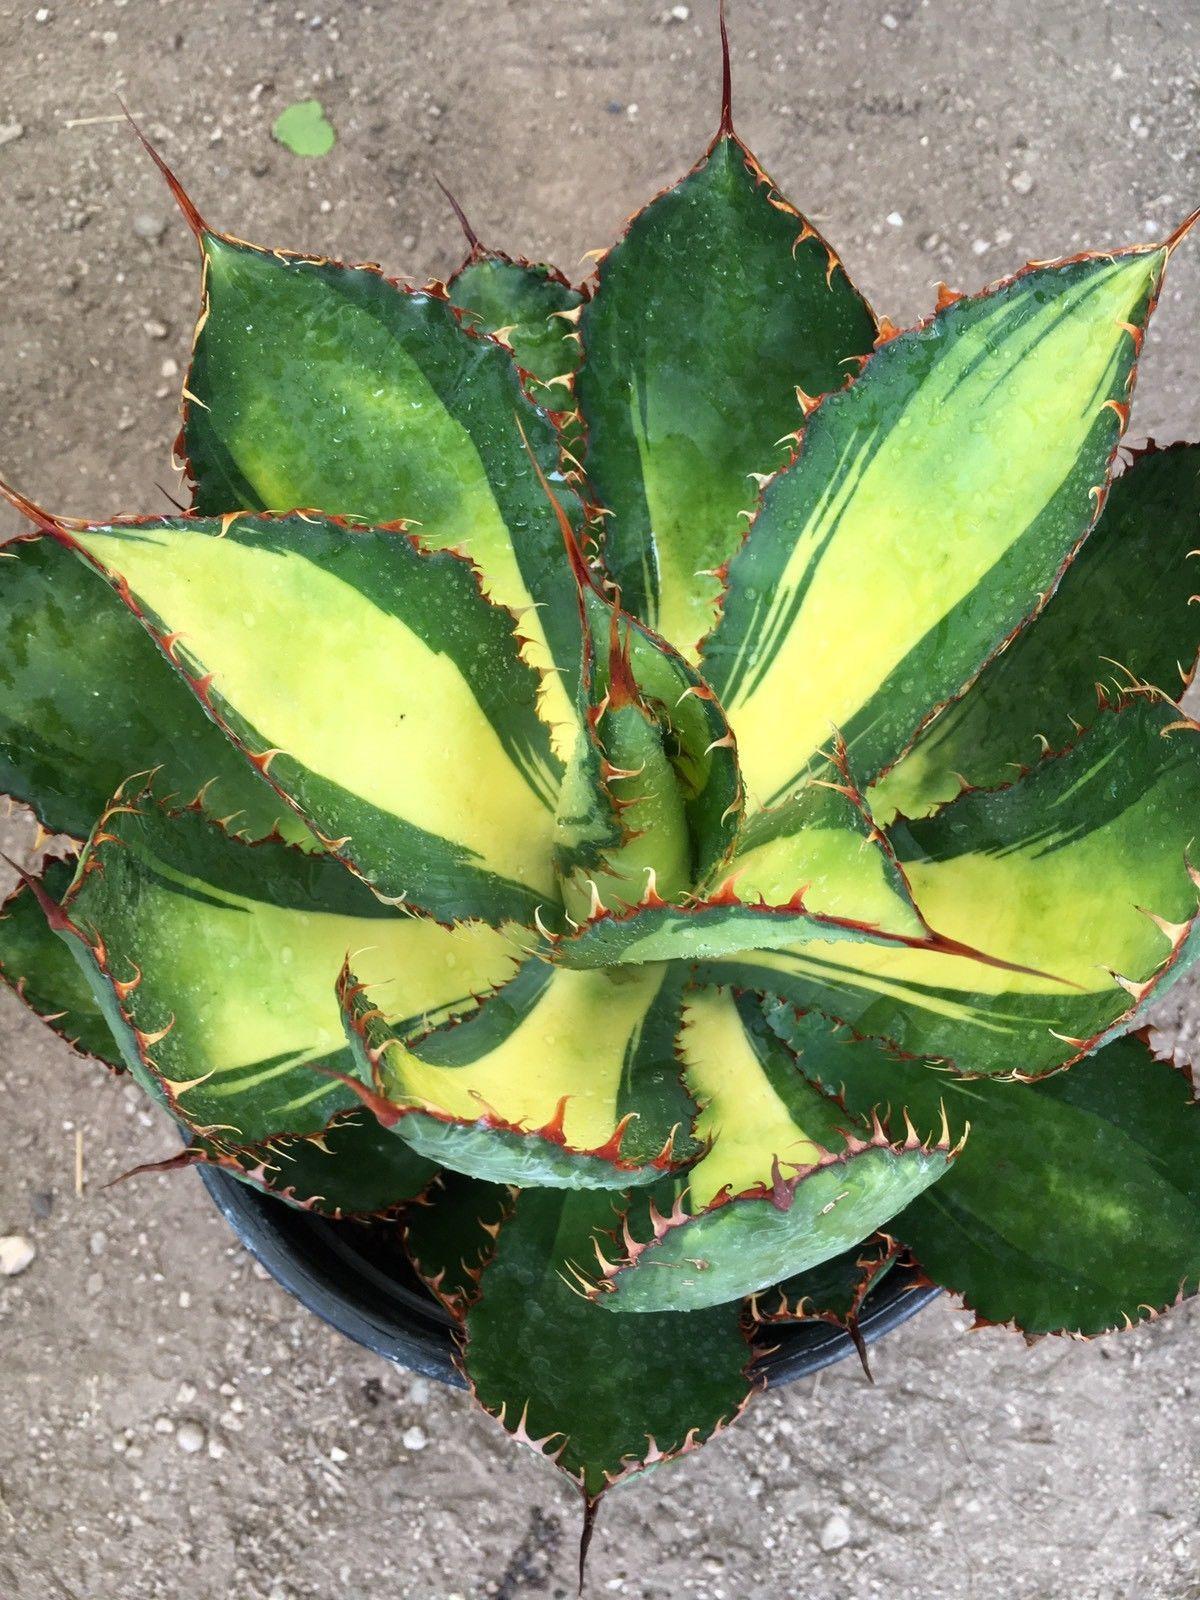 Aristaloe Aristata Lace Aloe Com Imagens Suculentas